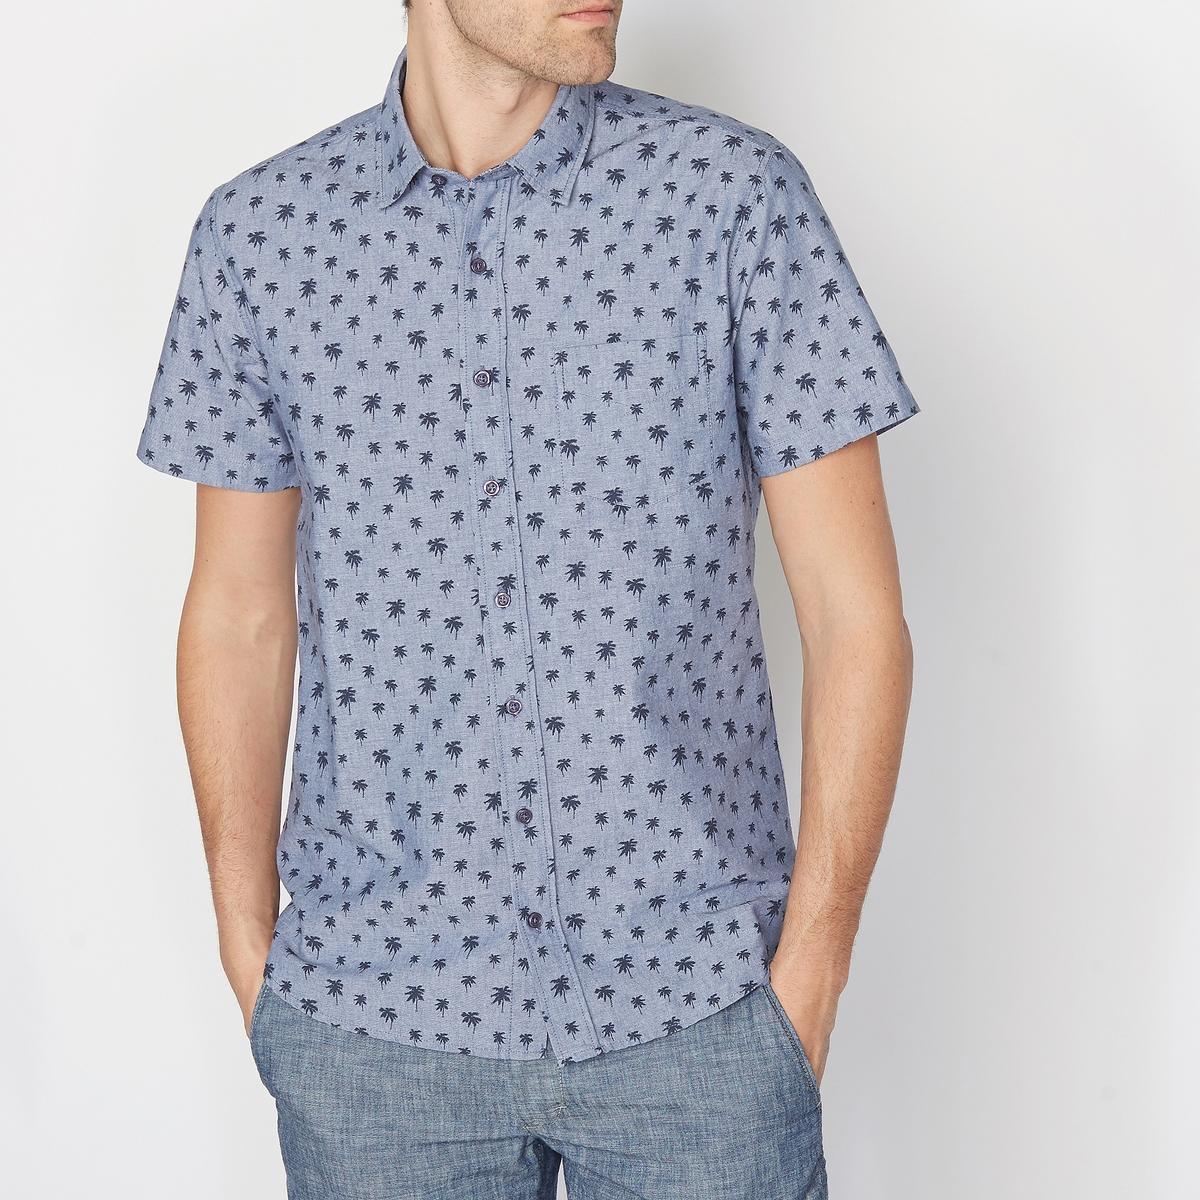 Рубашка с рисунком, с короткими рукавами, 100% хлопка